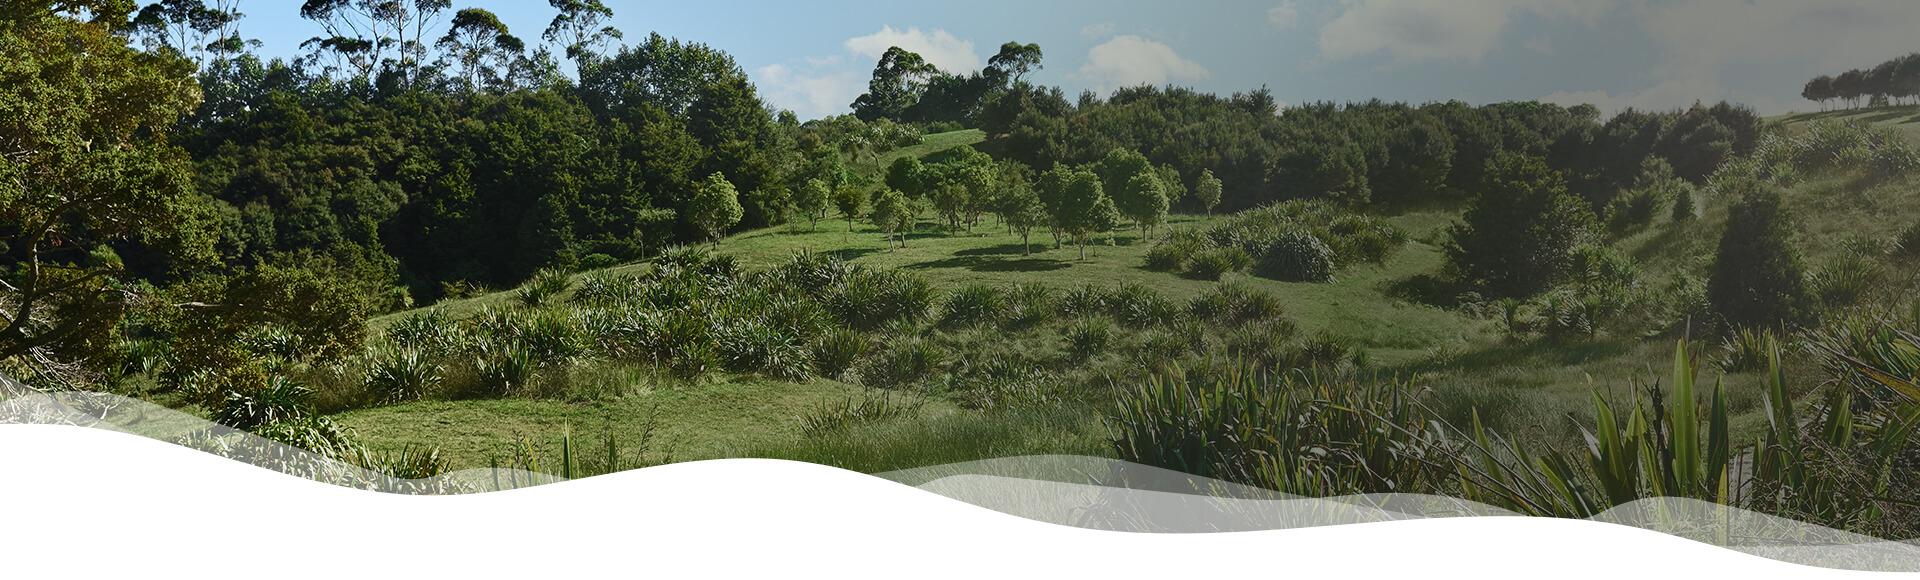 Holistic wellness Snowberry Gardens